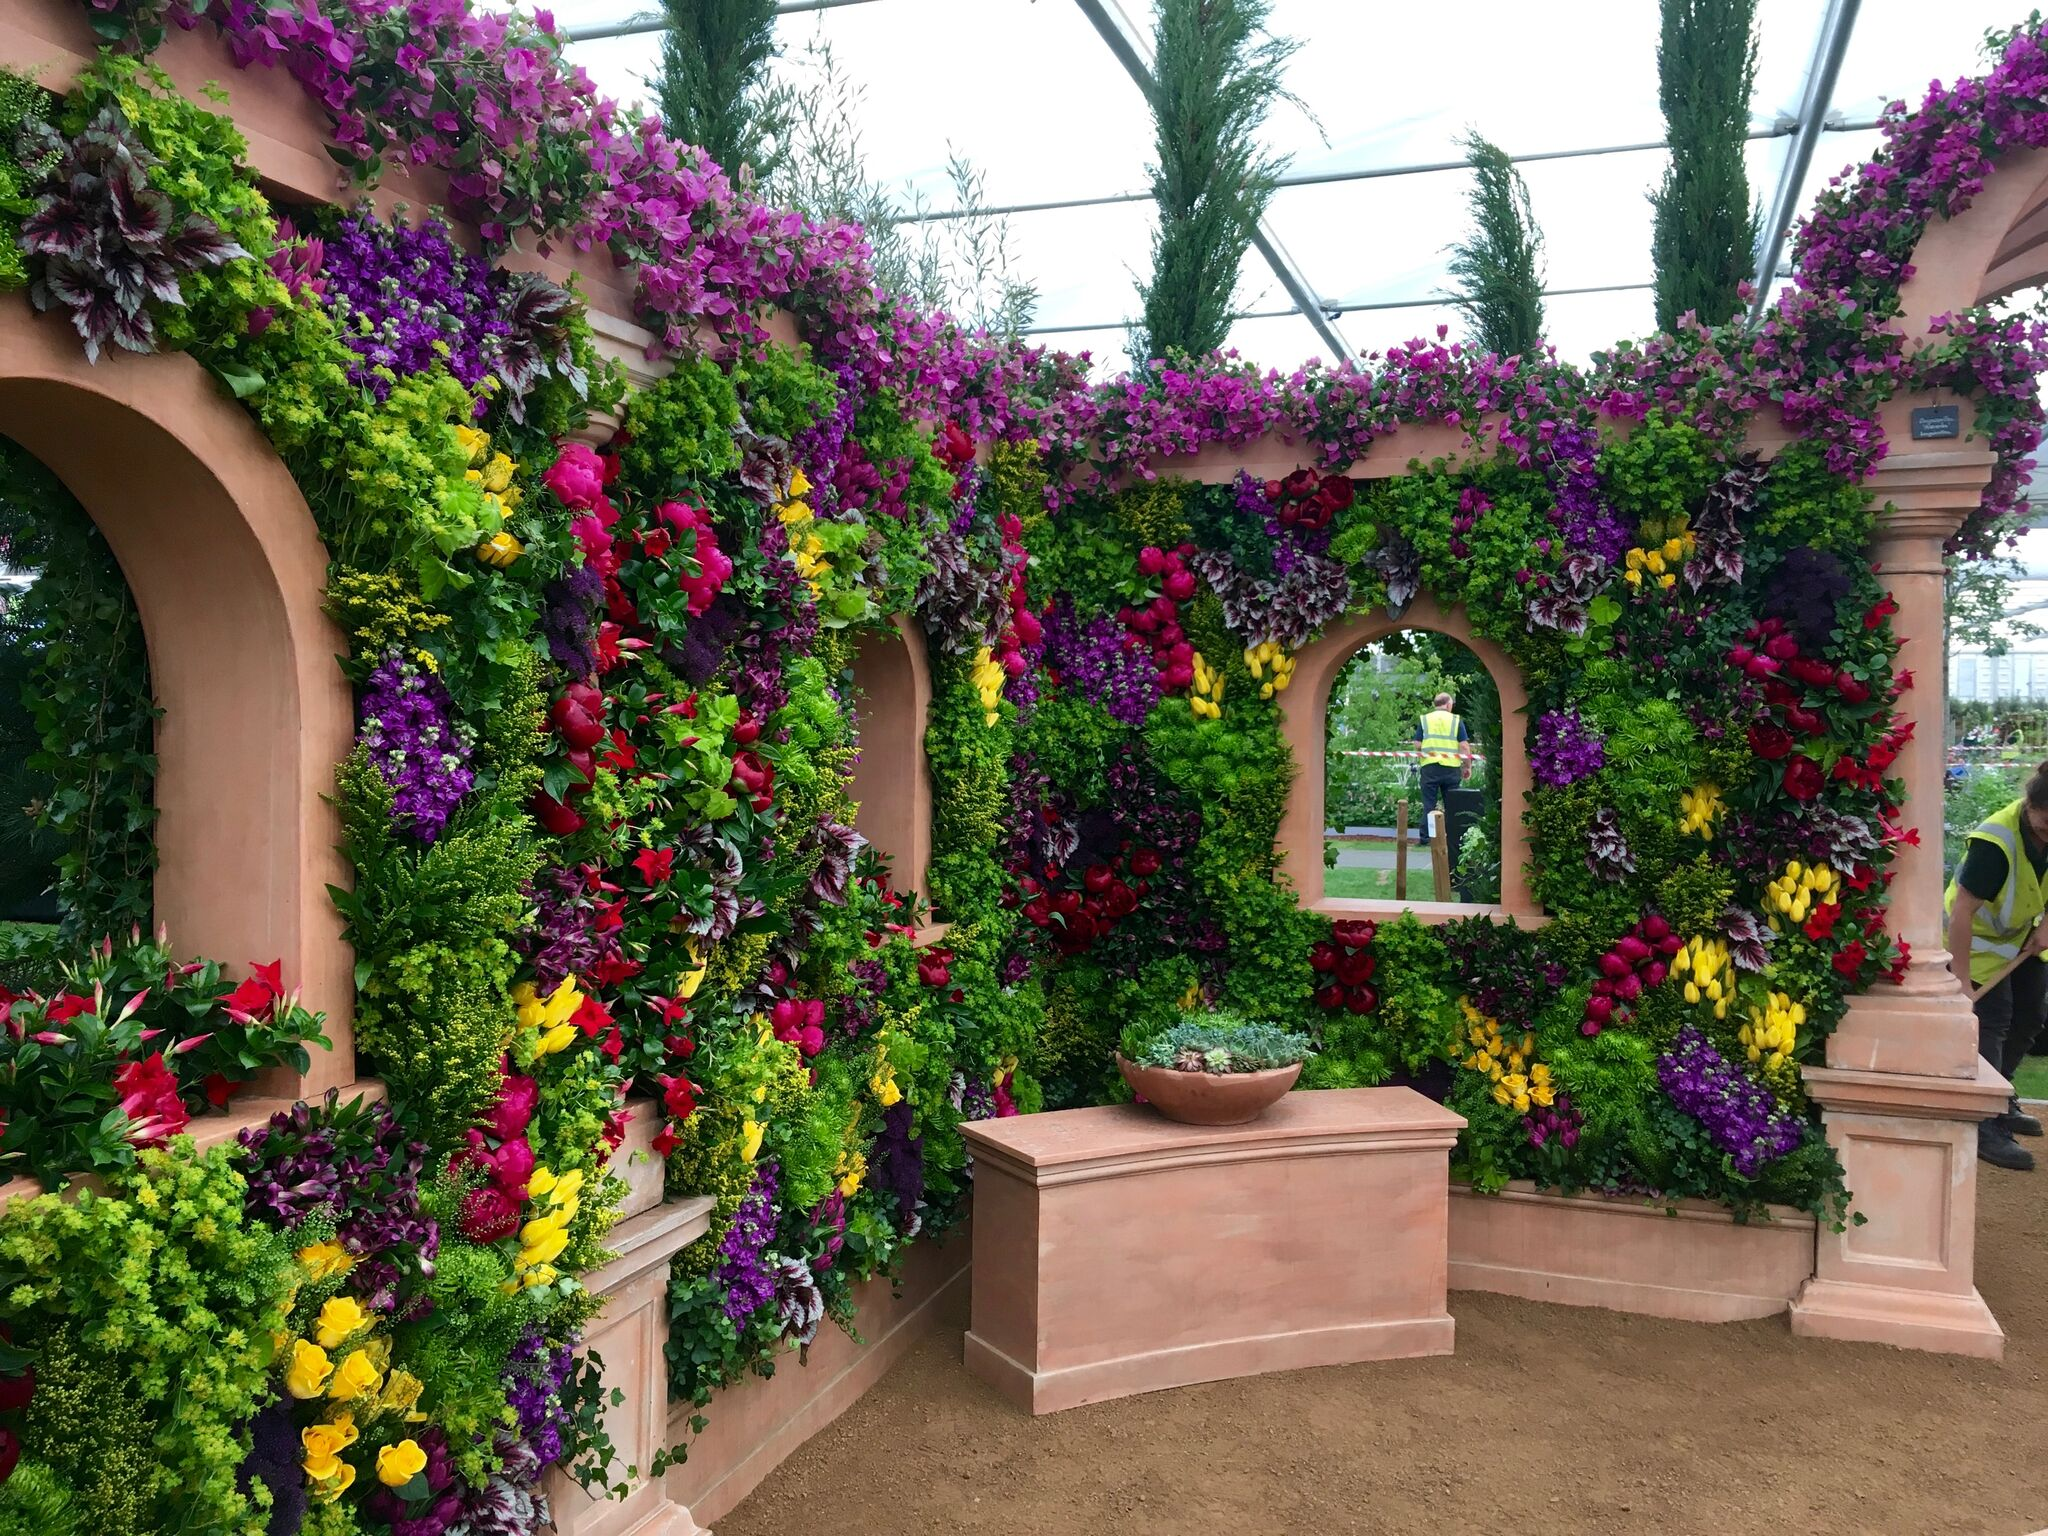 chelsea flower show 2017